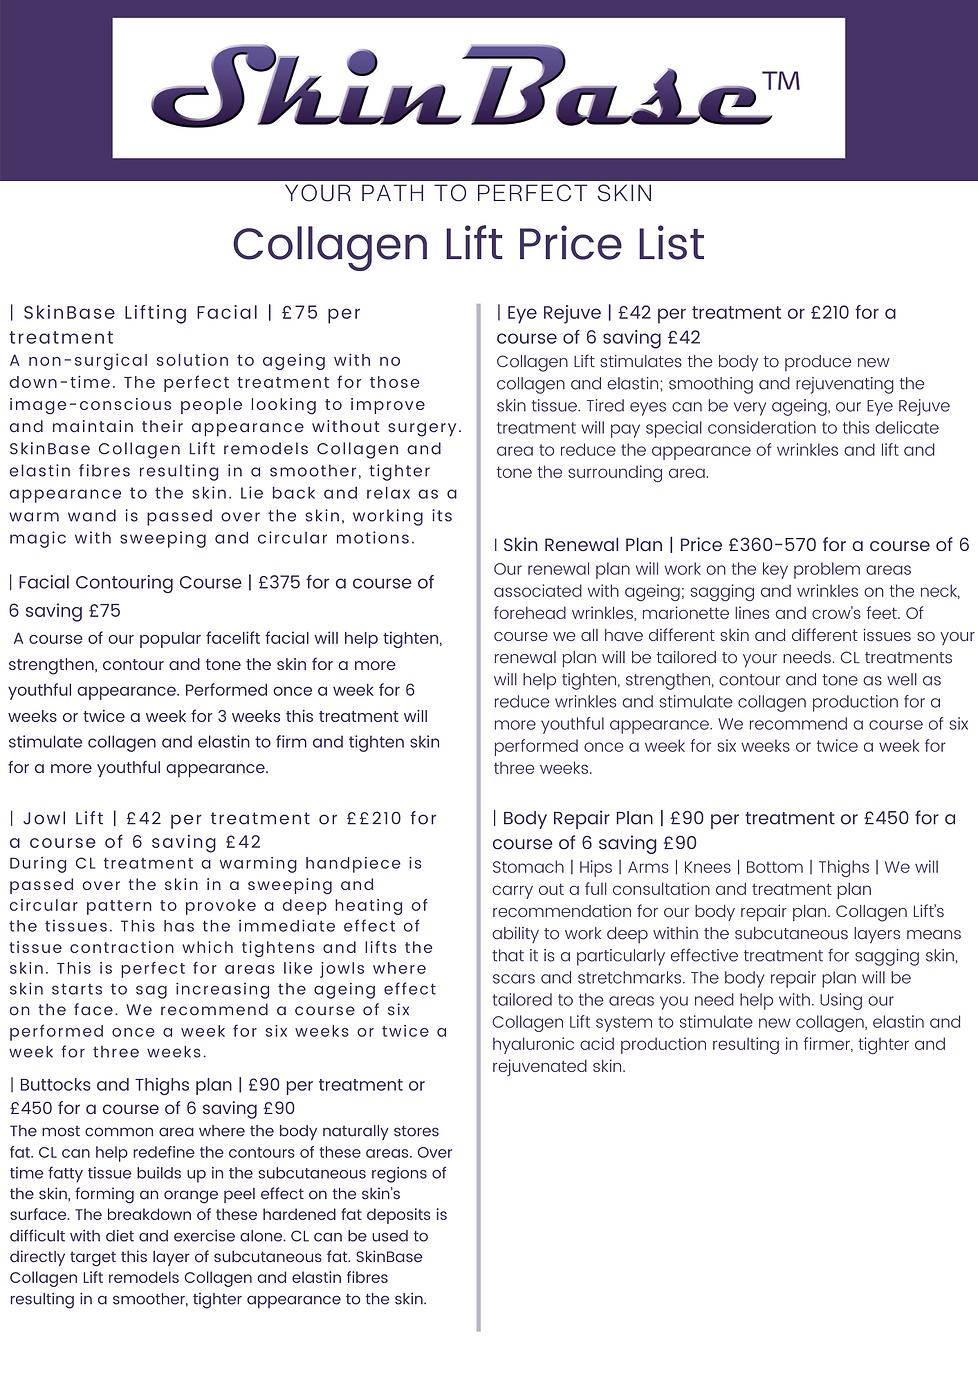 SkinBase Price List.png